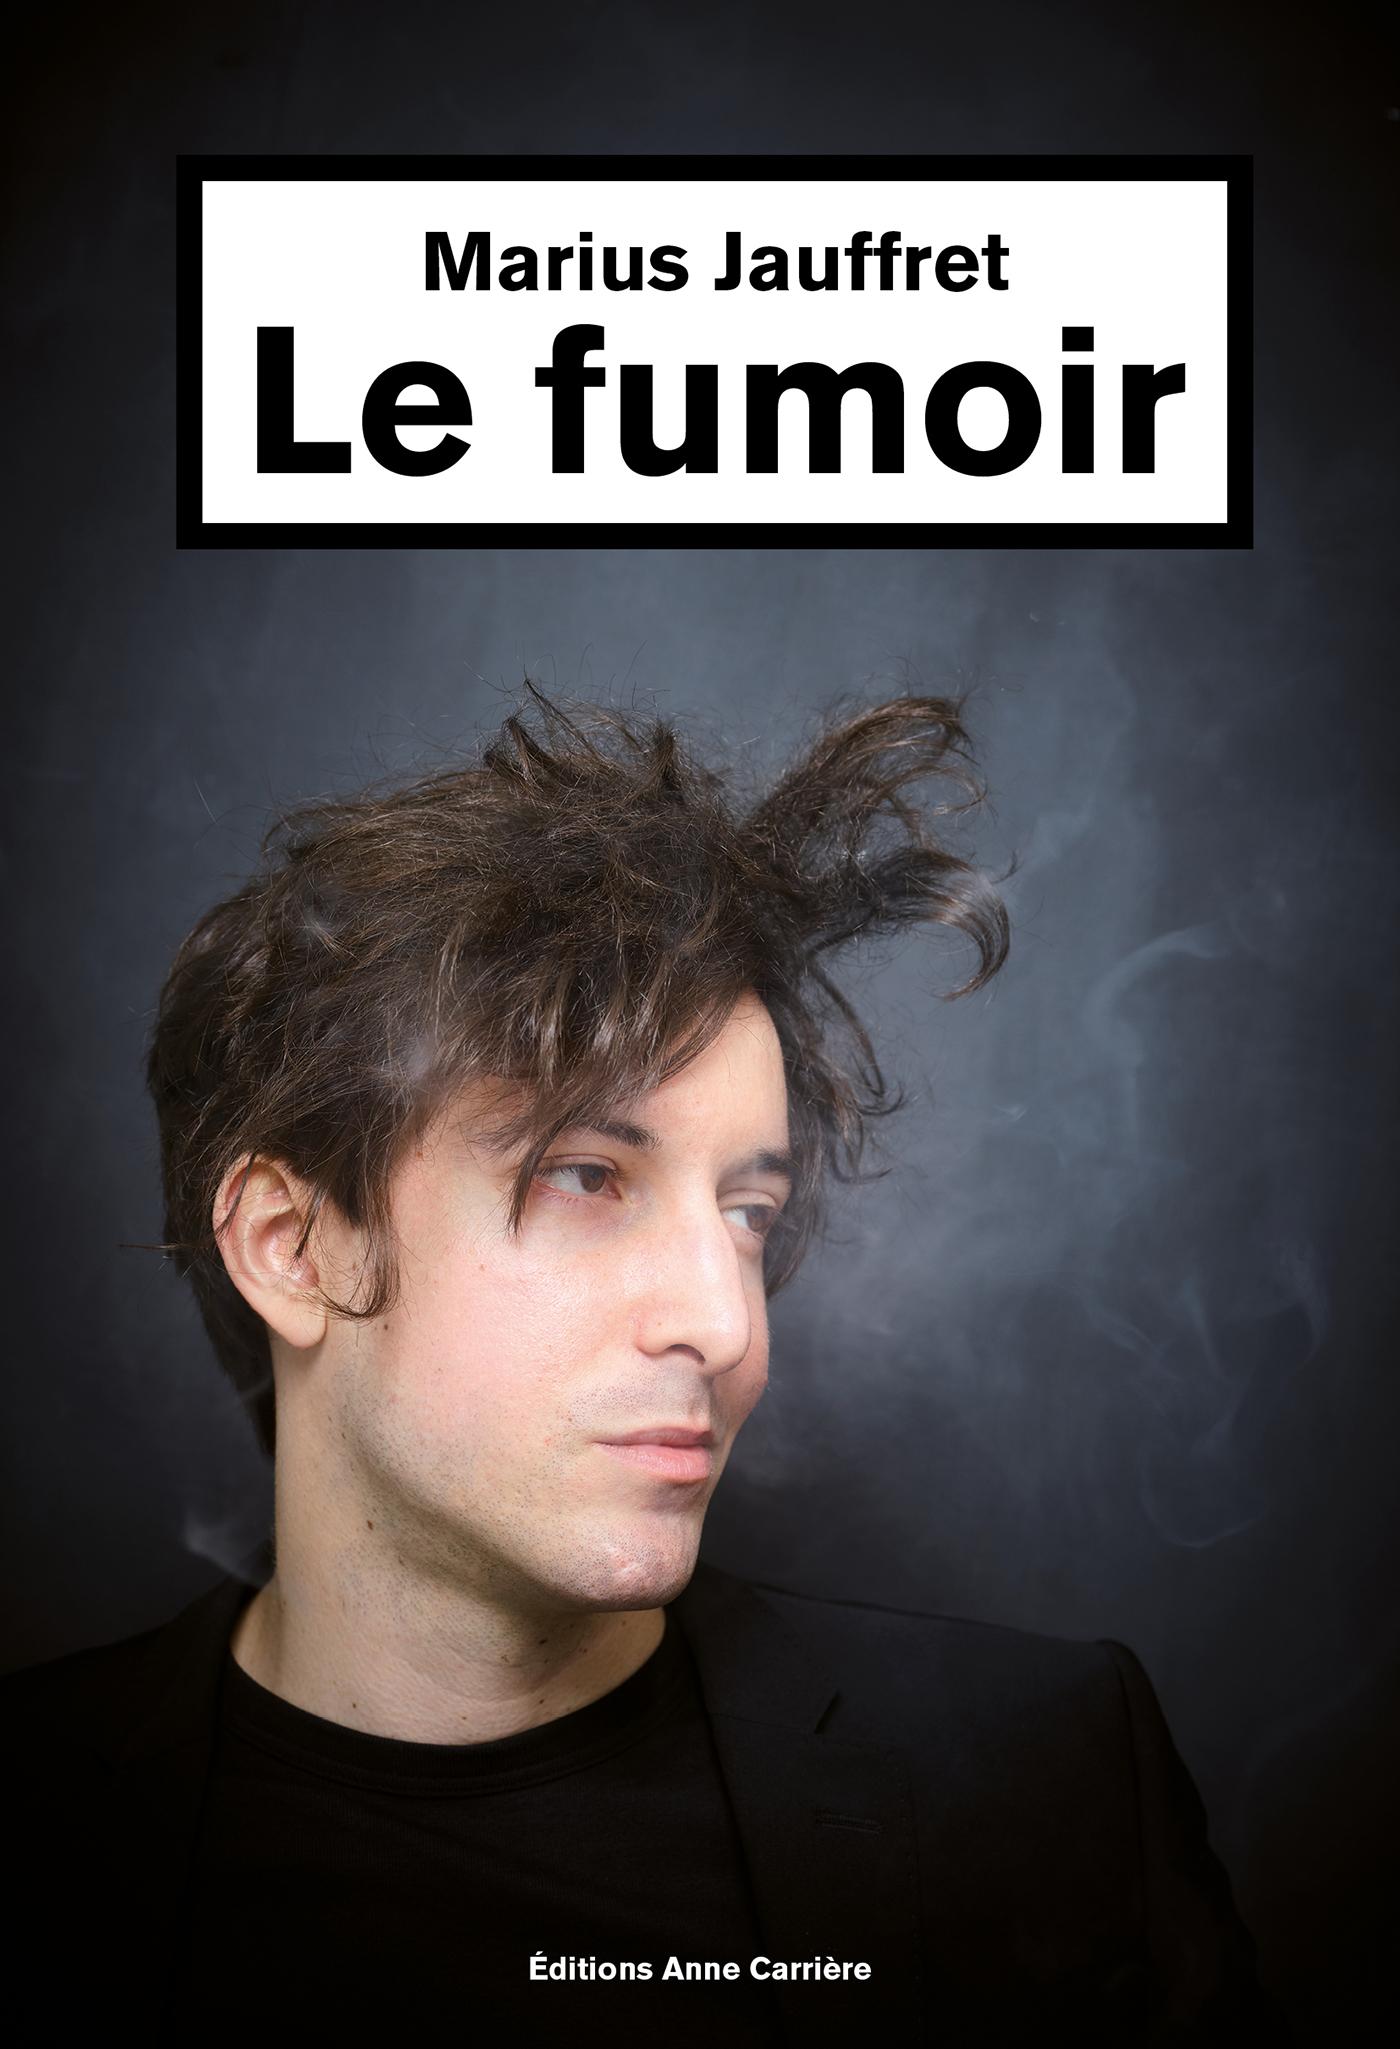 Le fumoir - Marius Jauffret